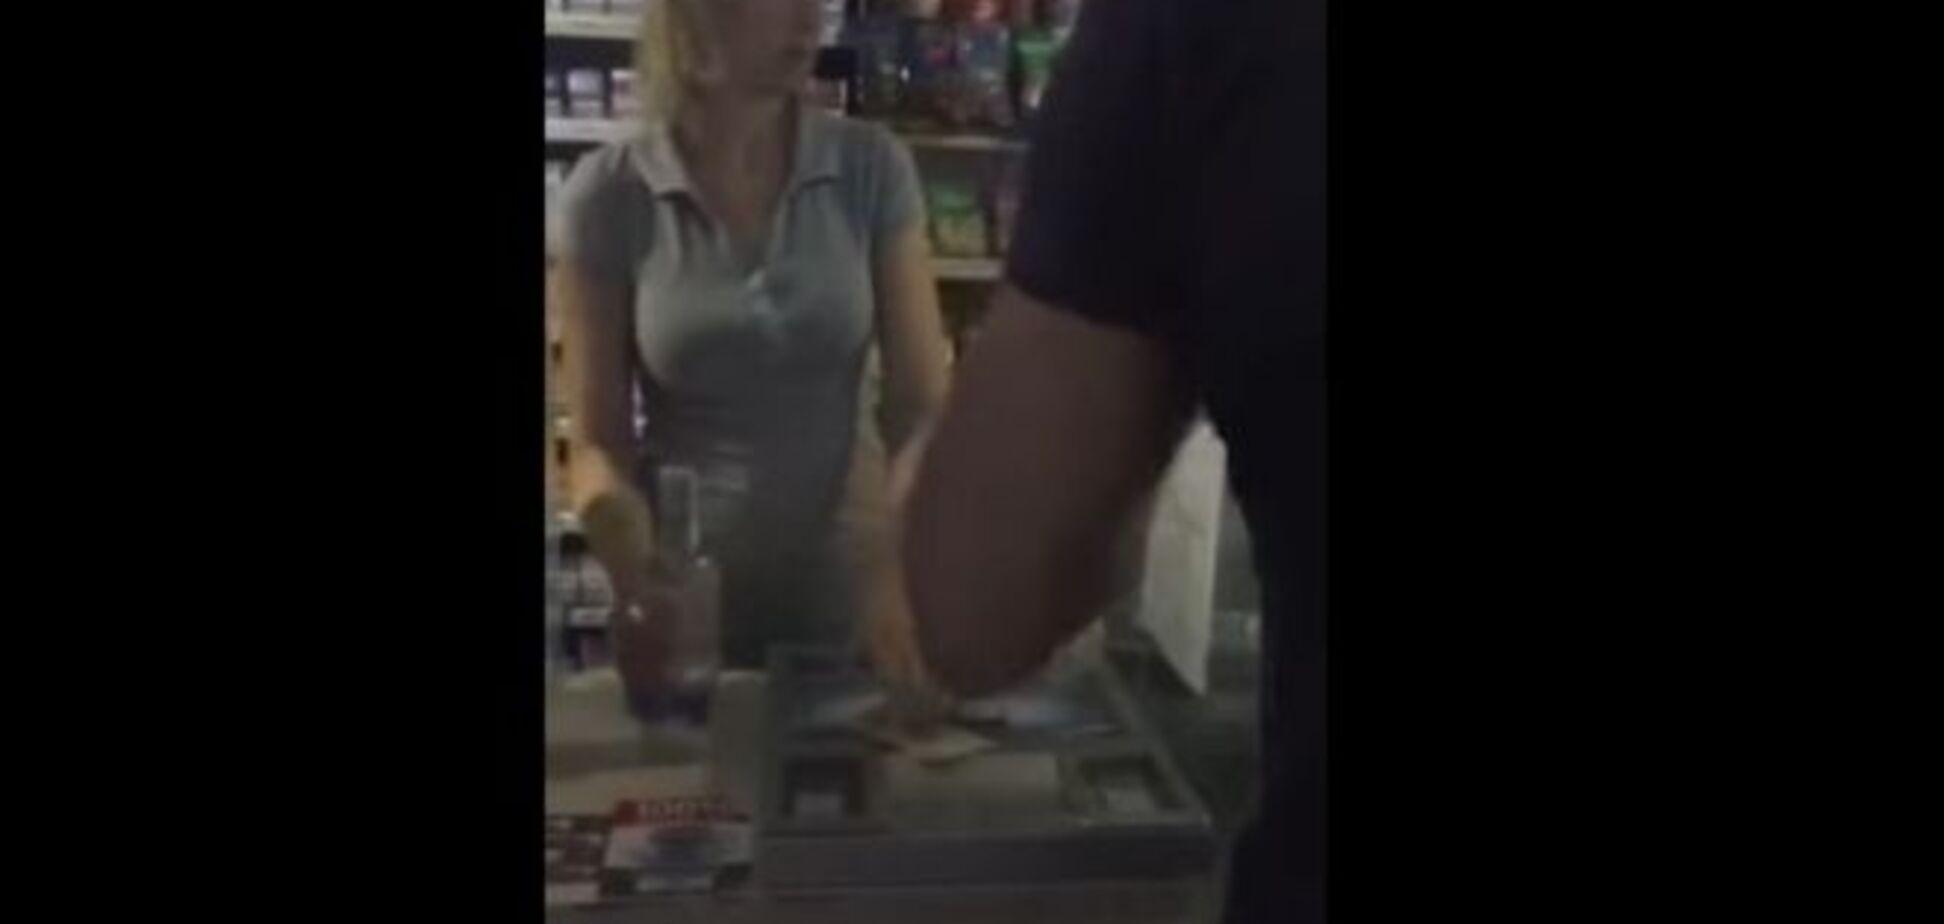 В Киеве глава РГА купил ночью в киосках запрещенный алкоголь: видеофакт